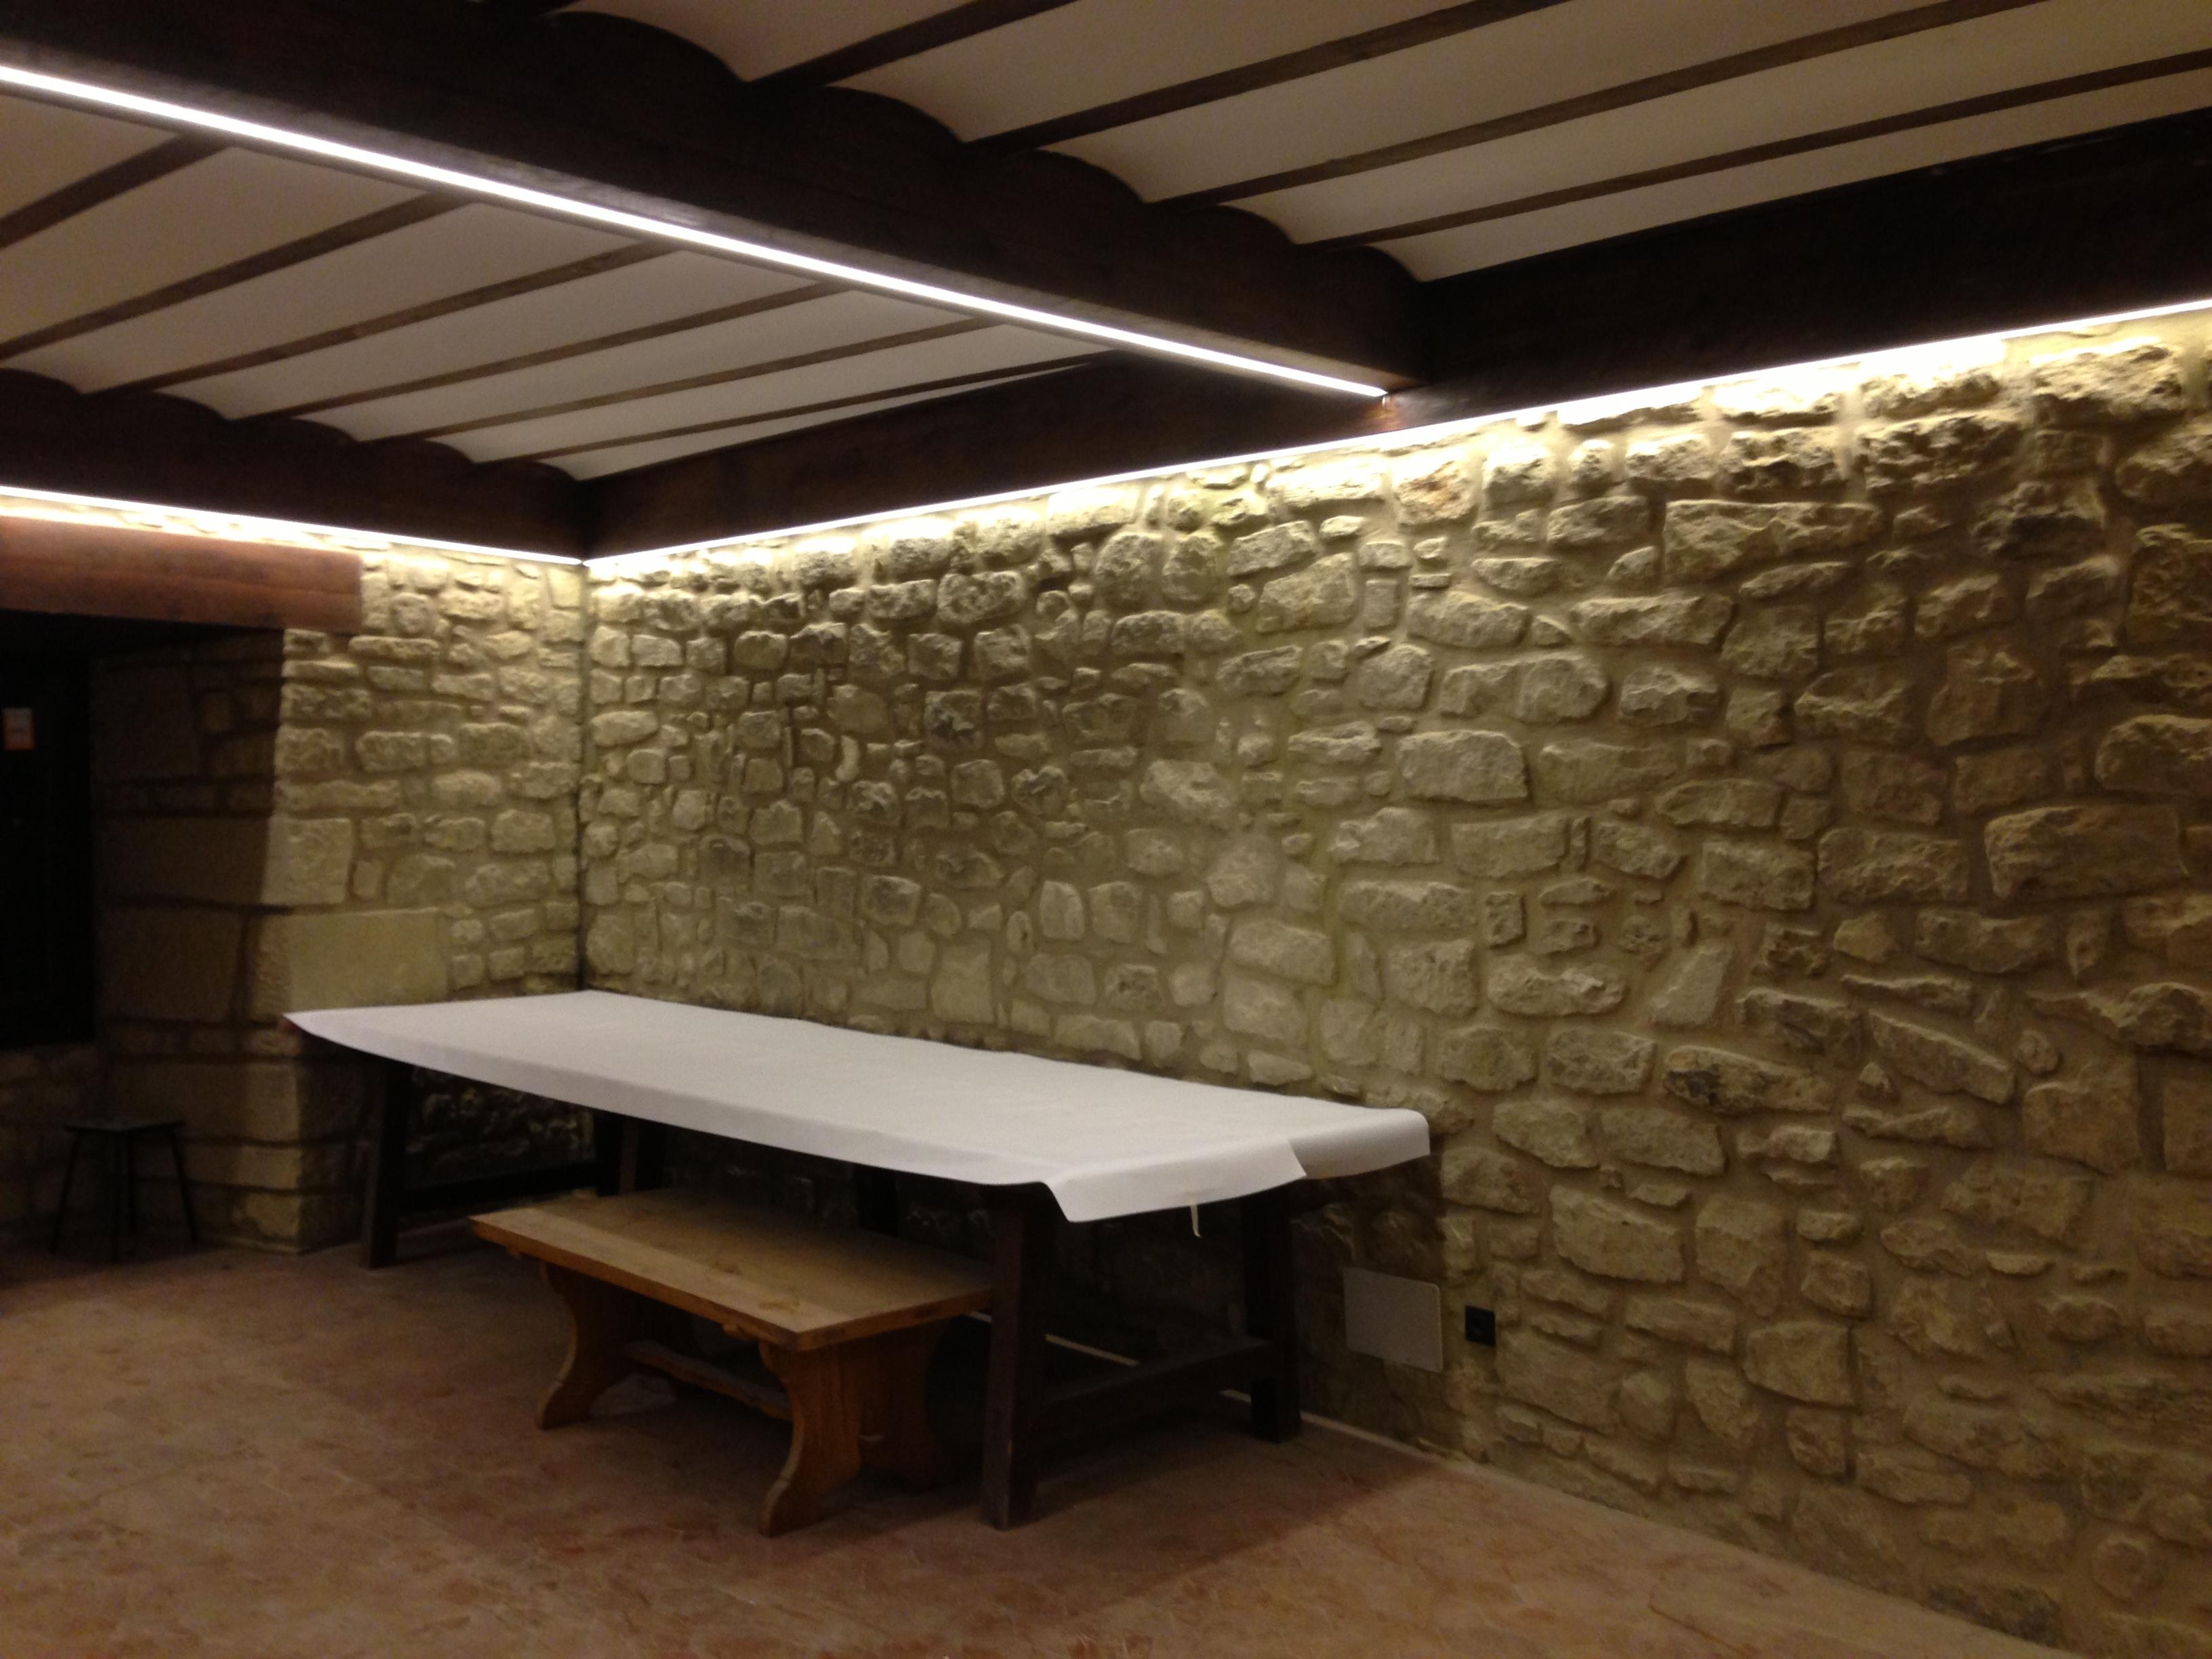 C mo se puede hacer una reforma de la iluminaci n sin - Pared de piedra interior ...